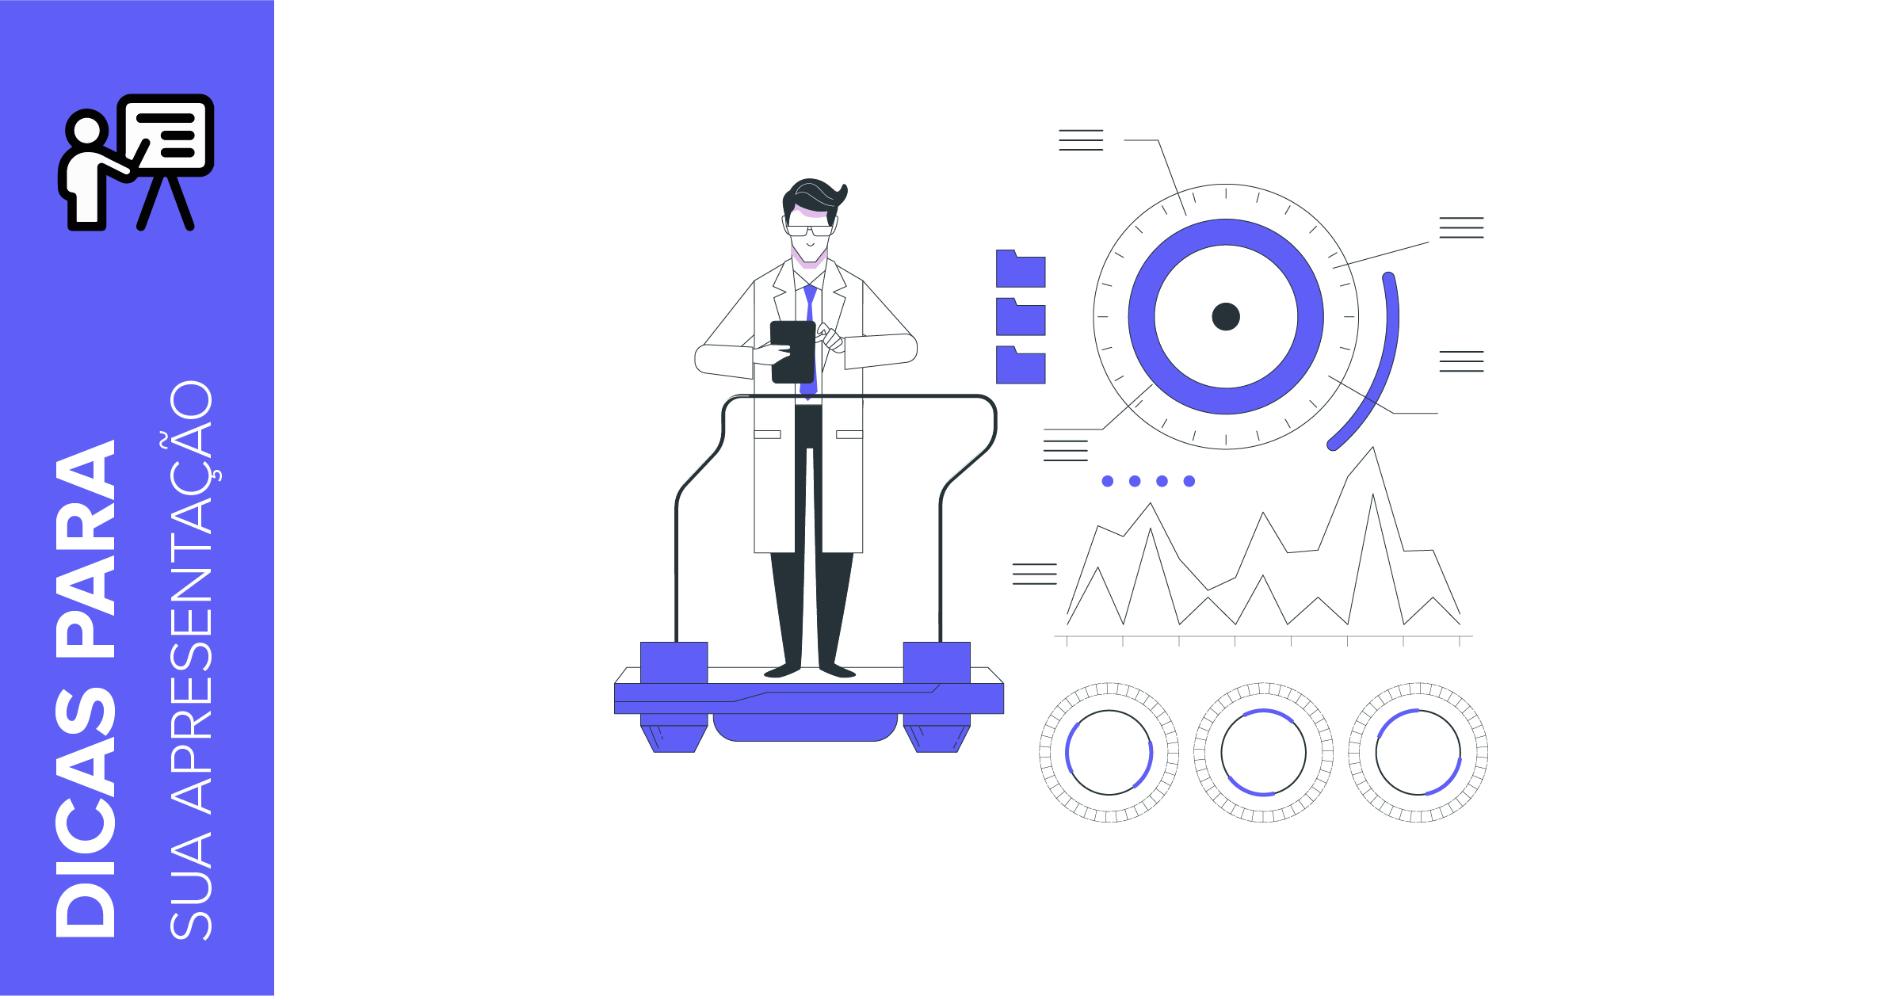 Infográficos: como eles podem melhorar sua apresentação? | Tutoriais e Dicas de apresentação